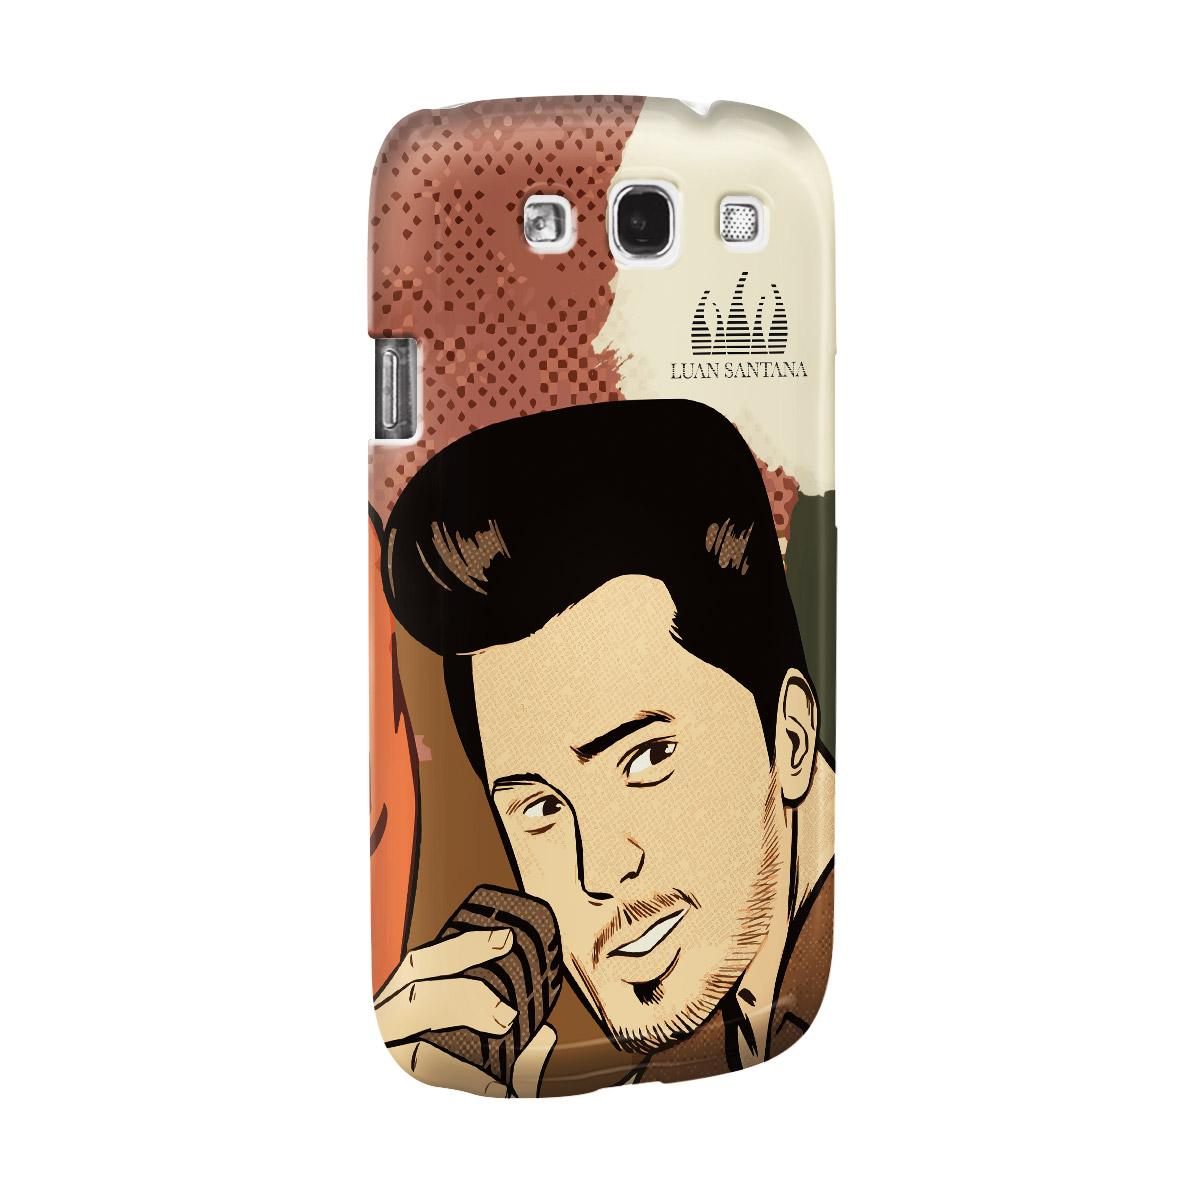 Capa de Celular Samsung S3 Luan Santana Eu Não Merecia Isso